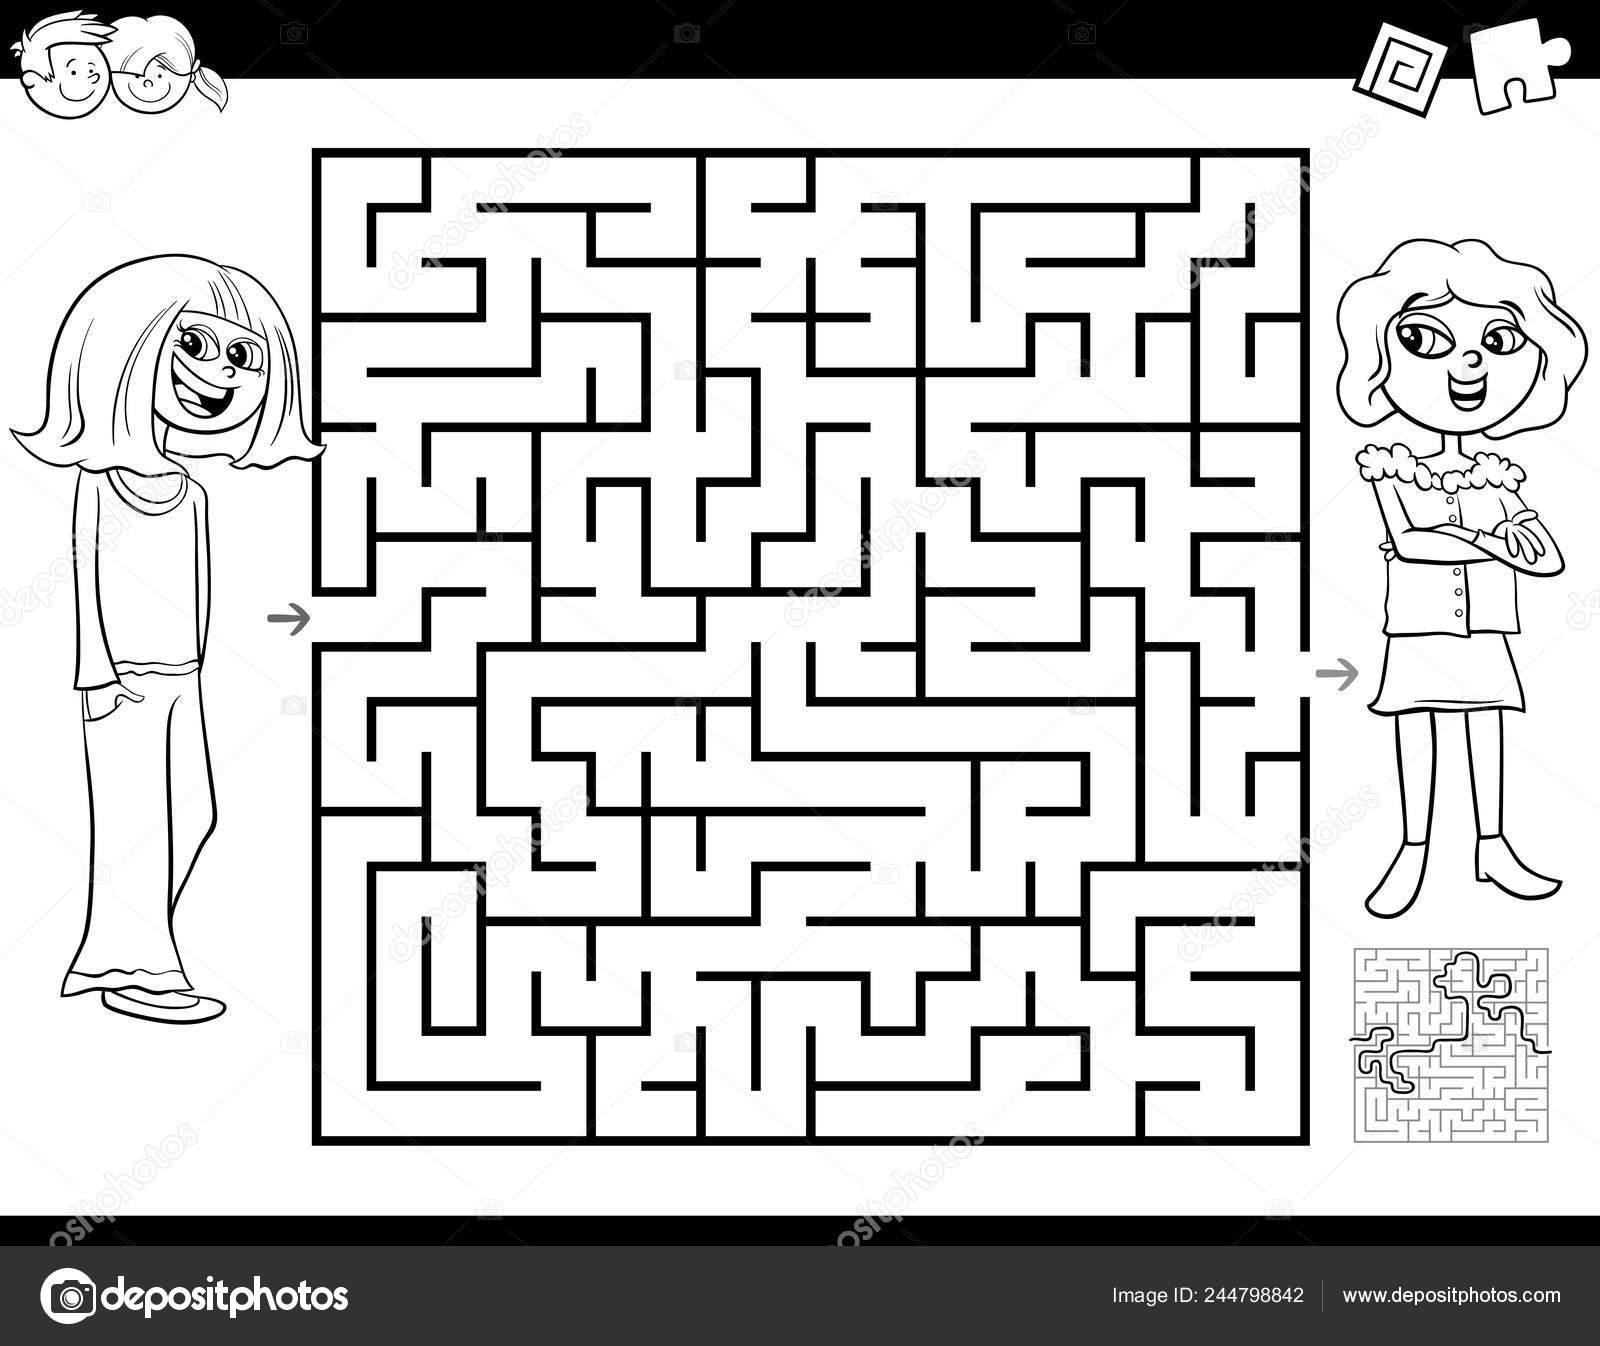 Preto Branco Cartoon Ilustração Educação Labirinto Jogo